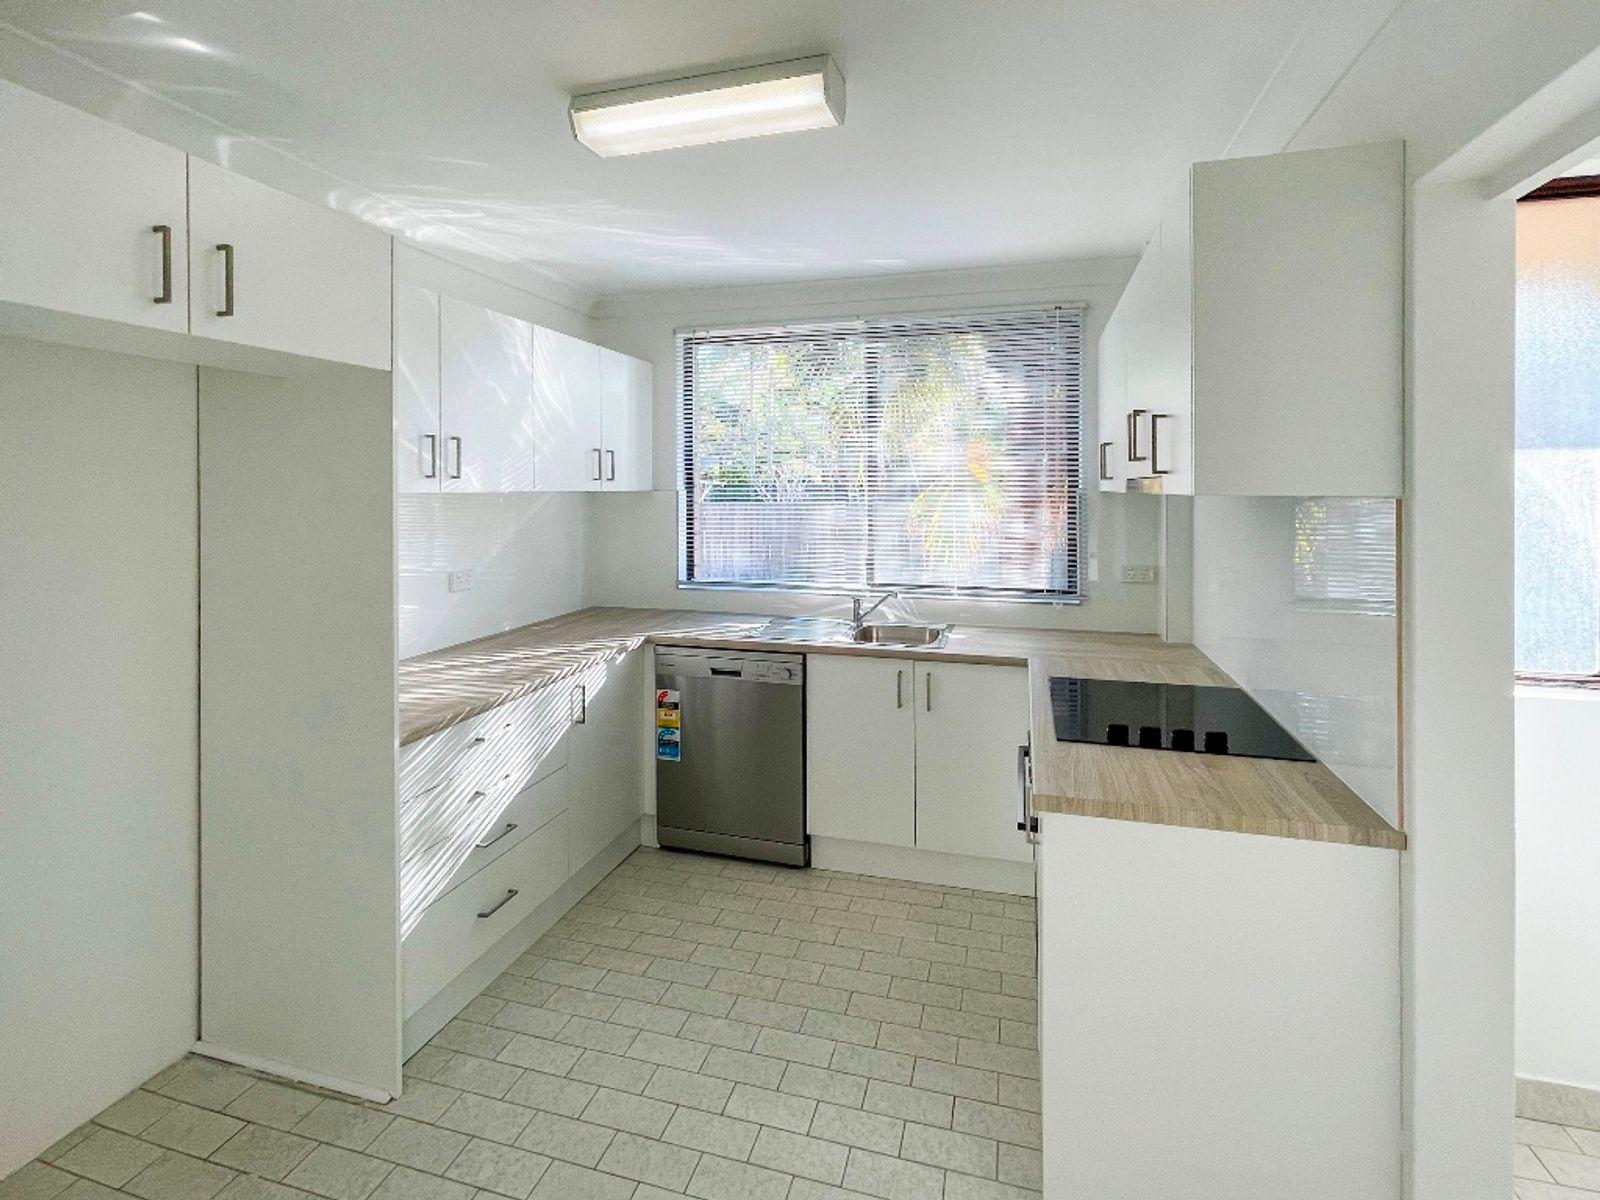 2/70 Mirreen Street, Hawks Nest, NSW 2324